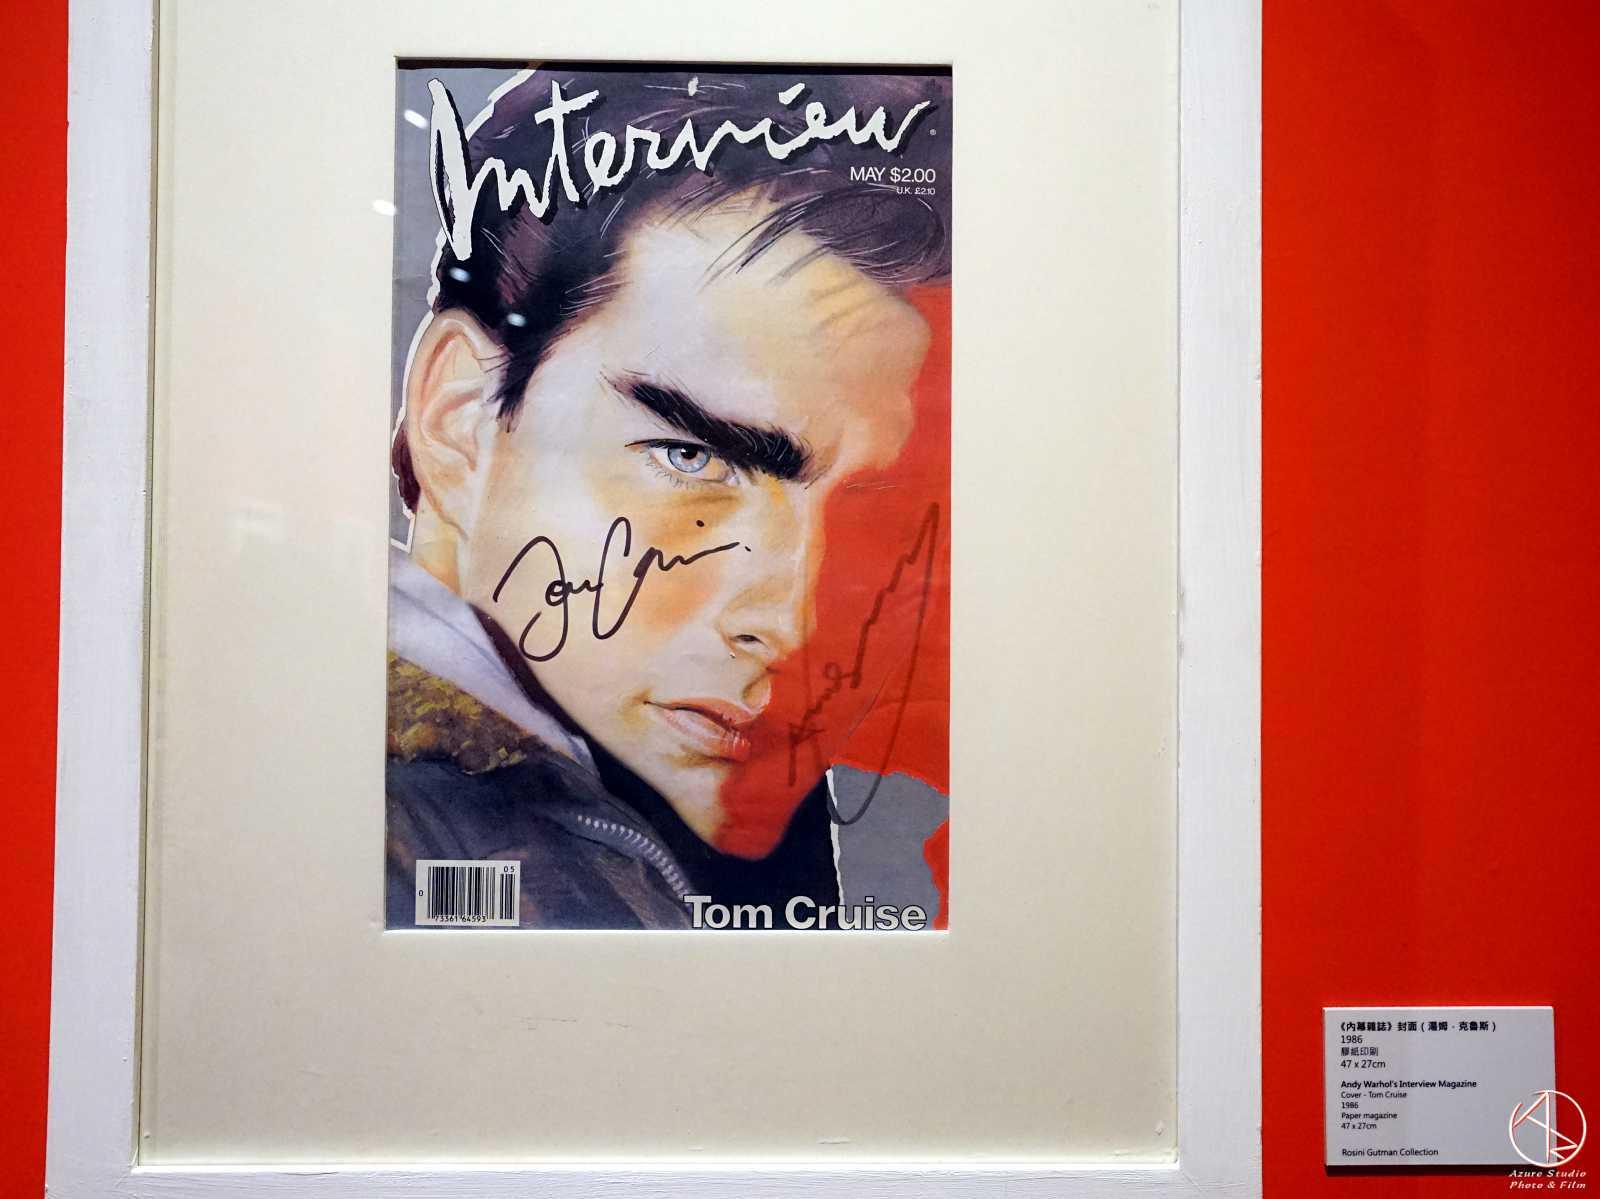 安迪沃荷普普狂想特展,看展心得,必看重點,湯姆克魯斯,內幕雜誌封面創作